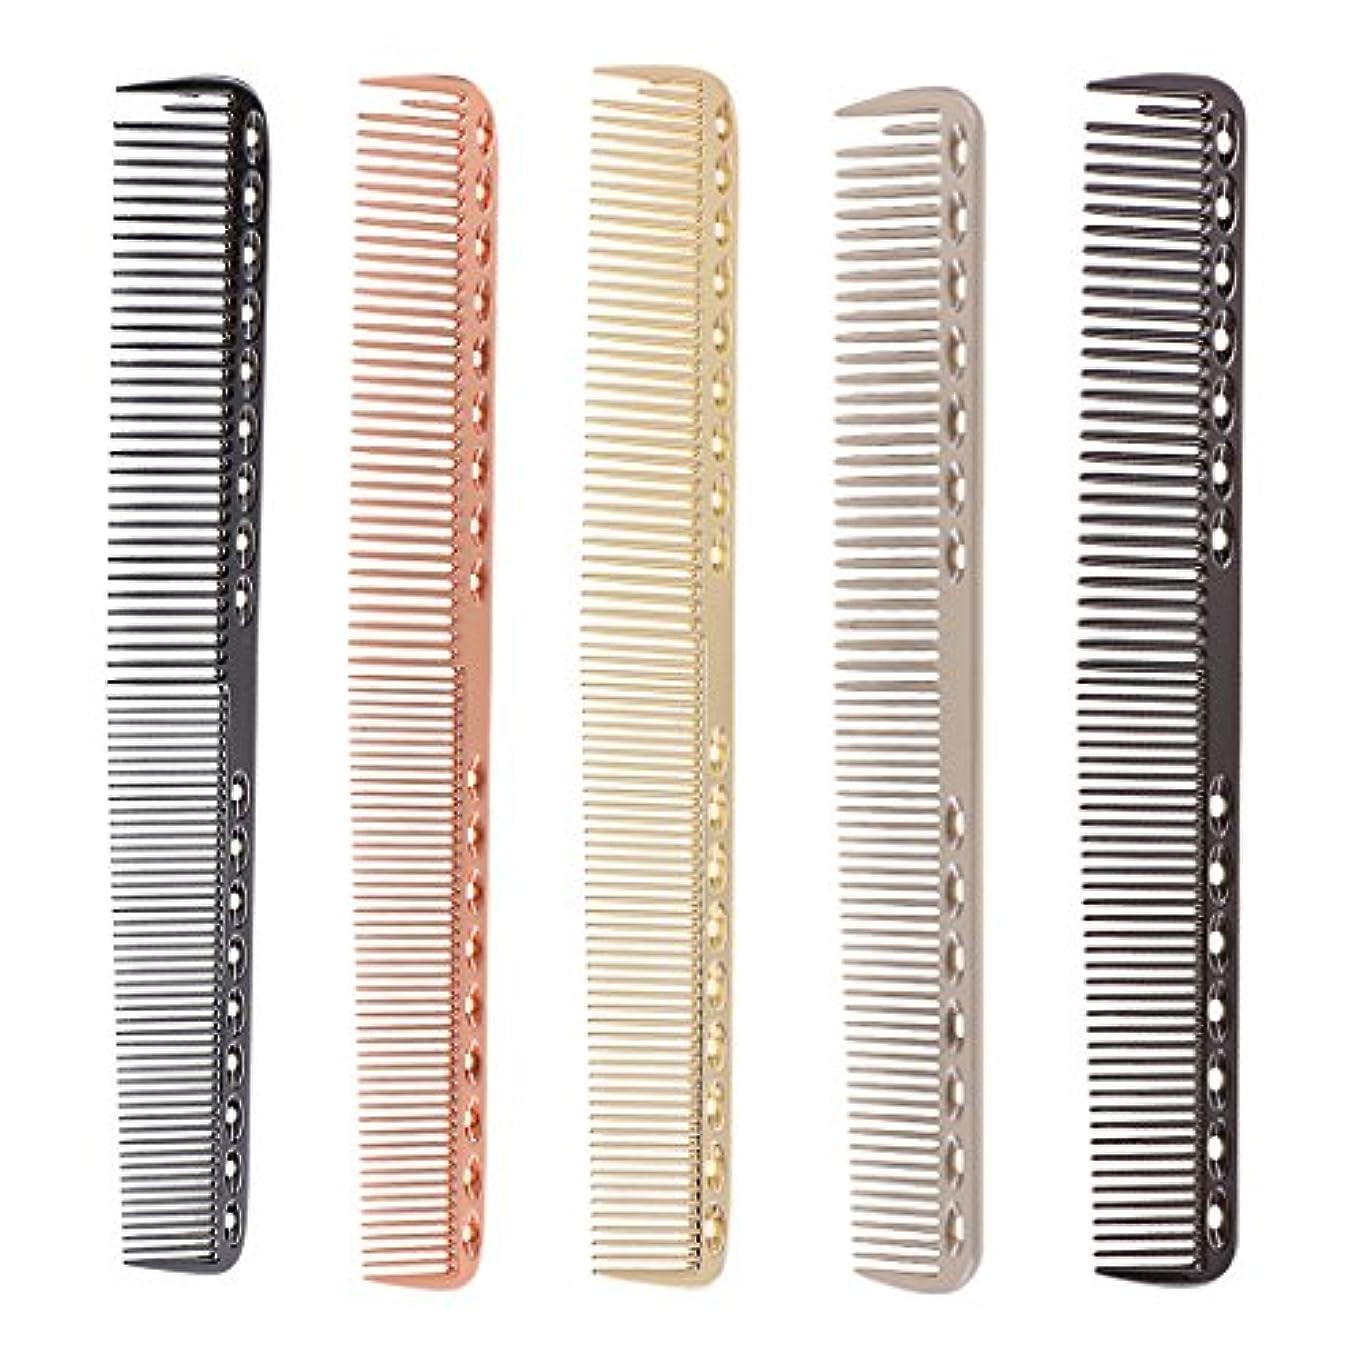 治療ソフトウェア報酬のToygogo 5ピース/個帯電防止アルミロング理髪理髪ヘアカットくし